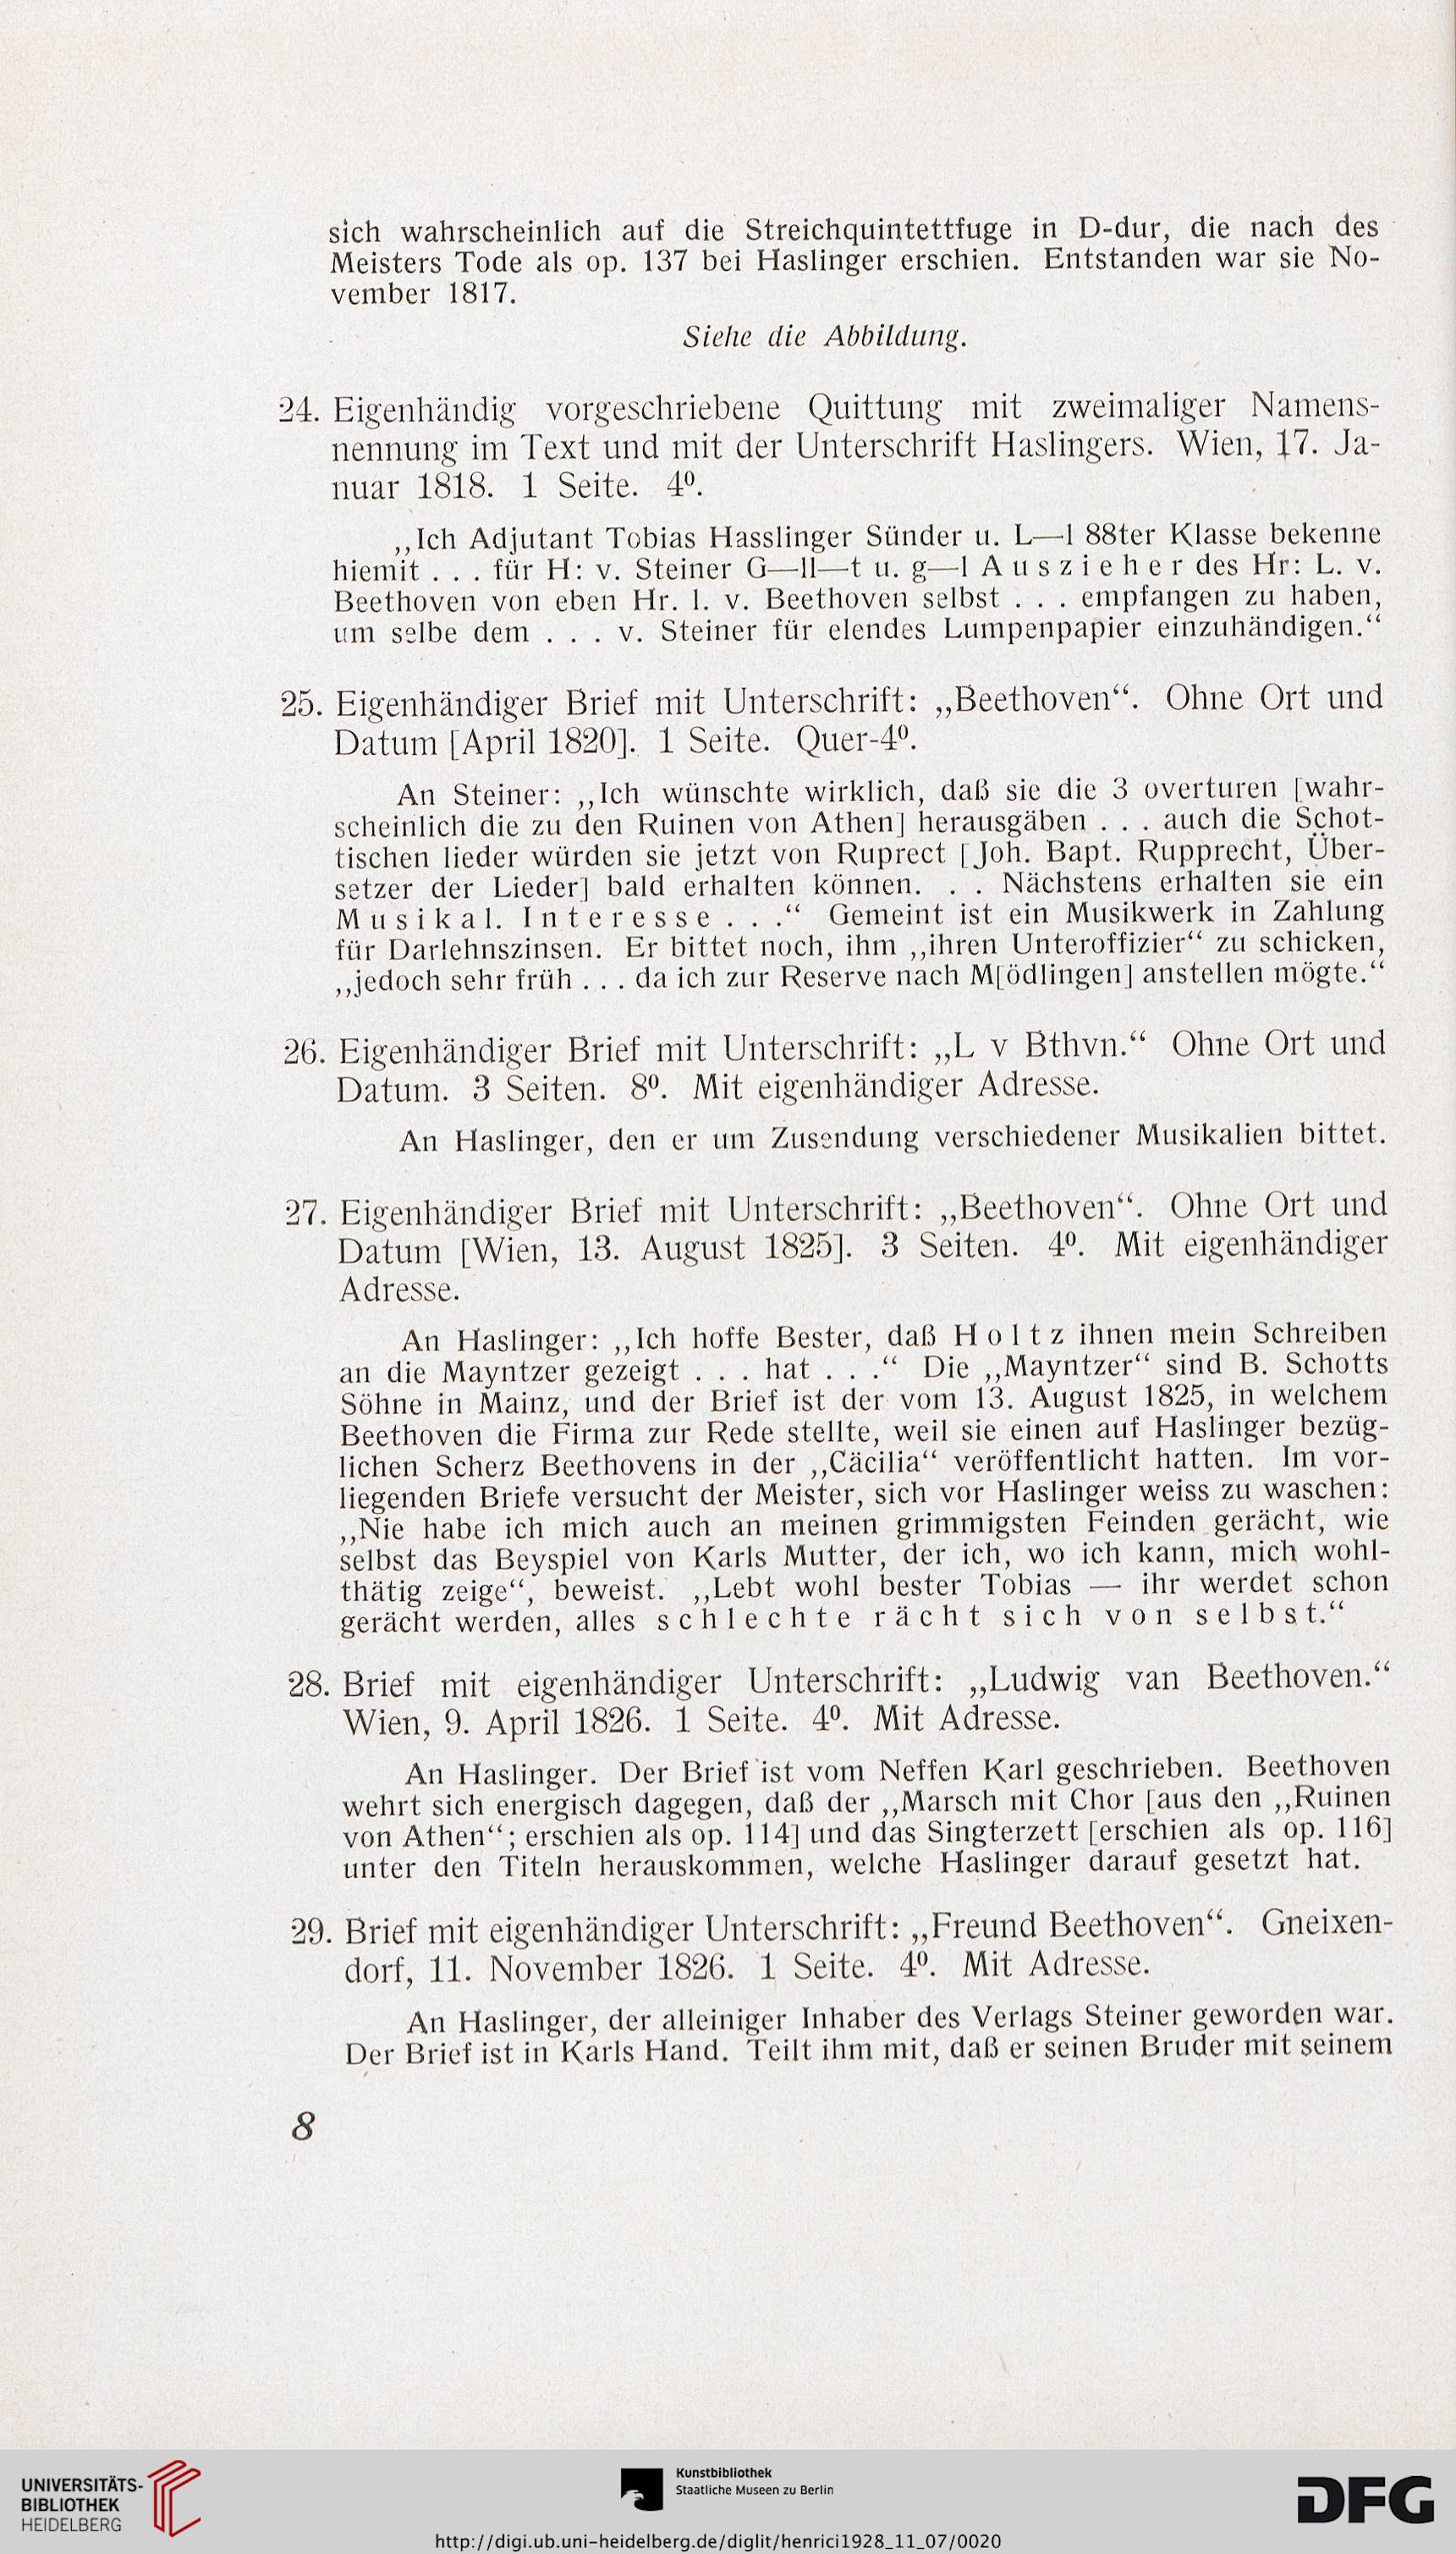 Ausgezeichnet Briefseiten Bilder - Druckbare Malvorlagen - amaichi.info